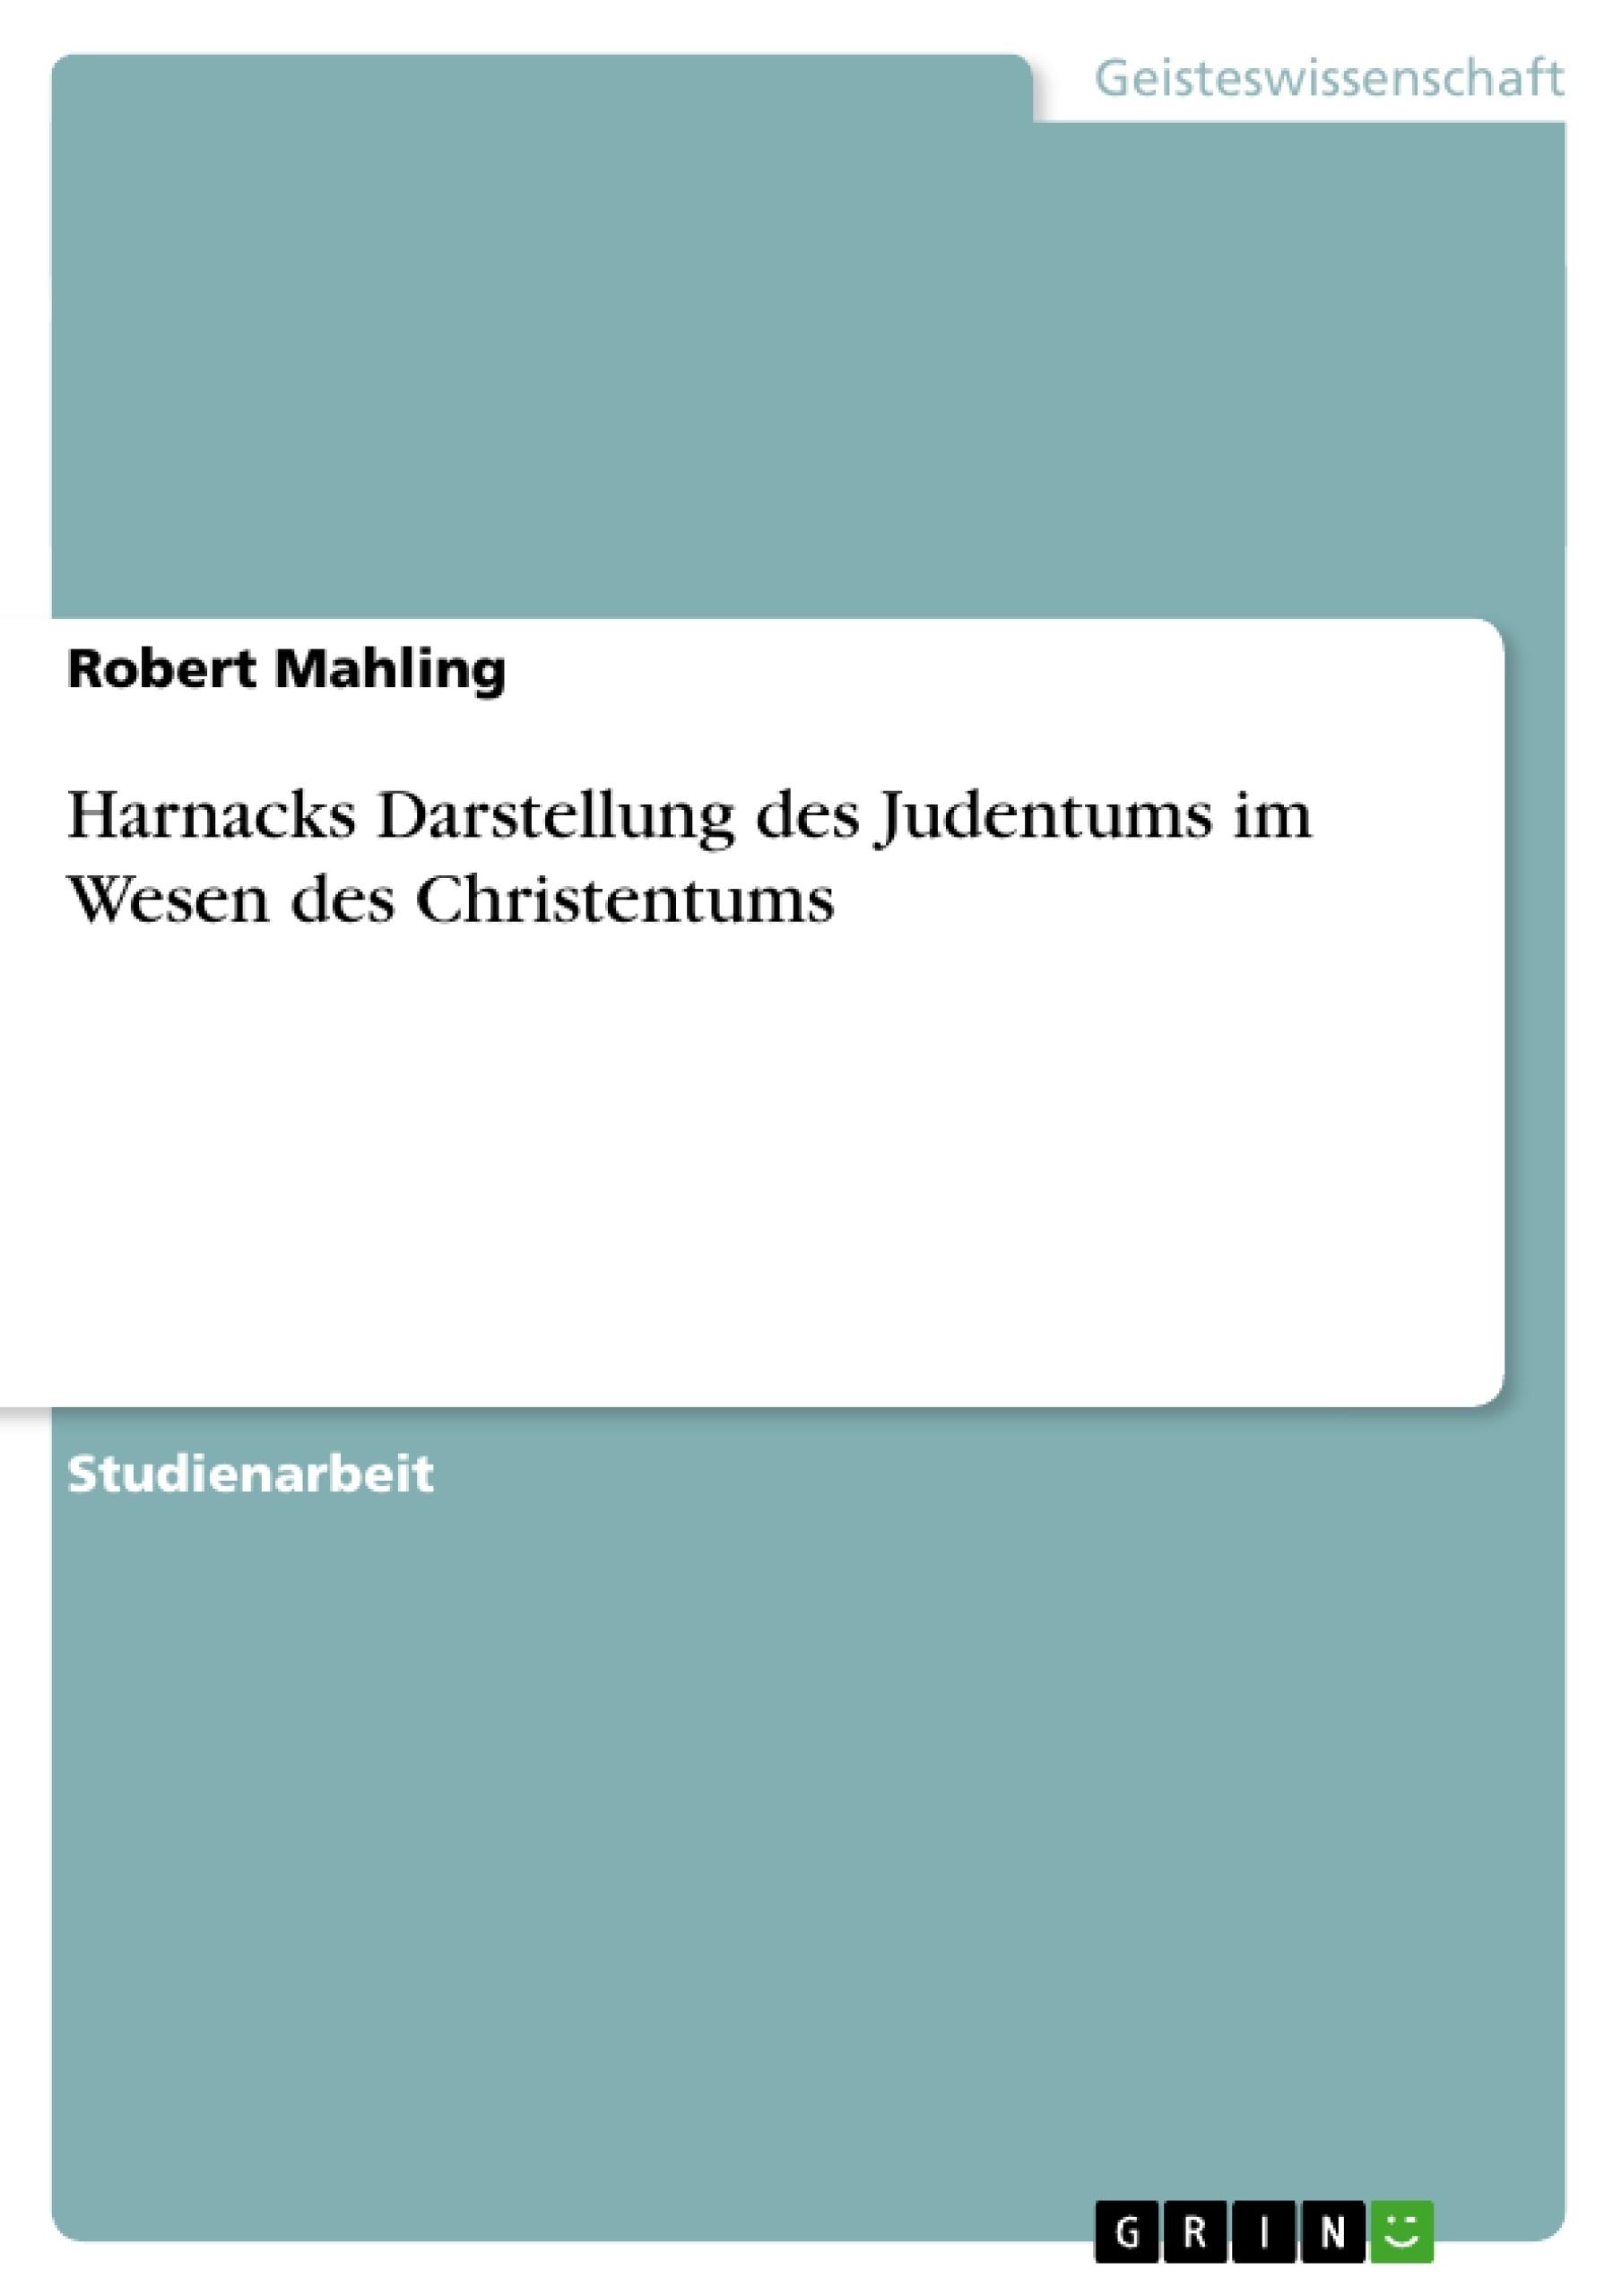 Titel: Harnacks Darstellung des Judentums im Wesen des Christentums